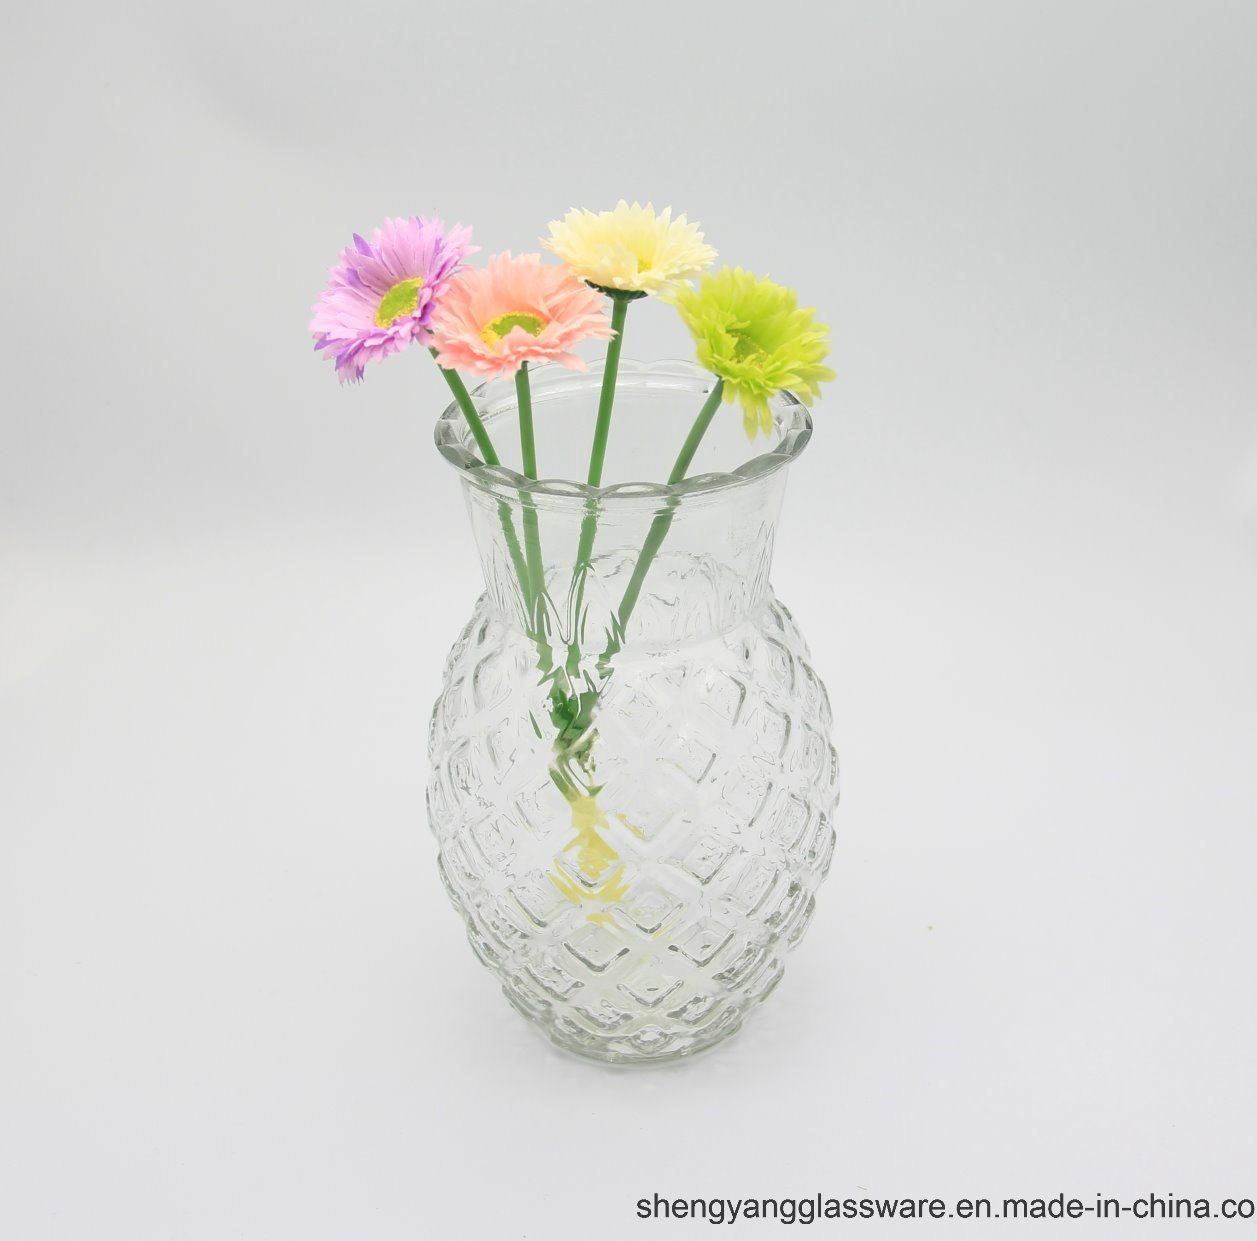 223 & [Hot Item] Hot Sell Pineapple Shape Glass Flower Vase/ Glass Vase for Home Decoration